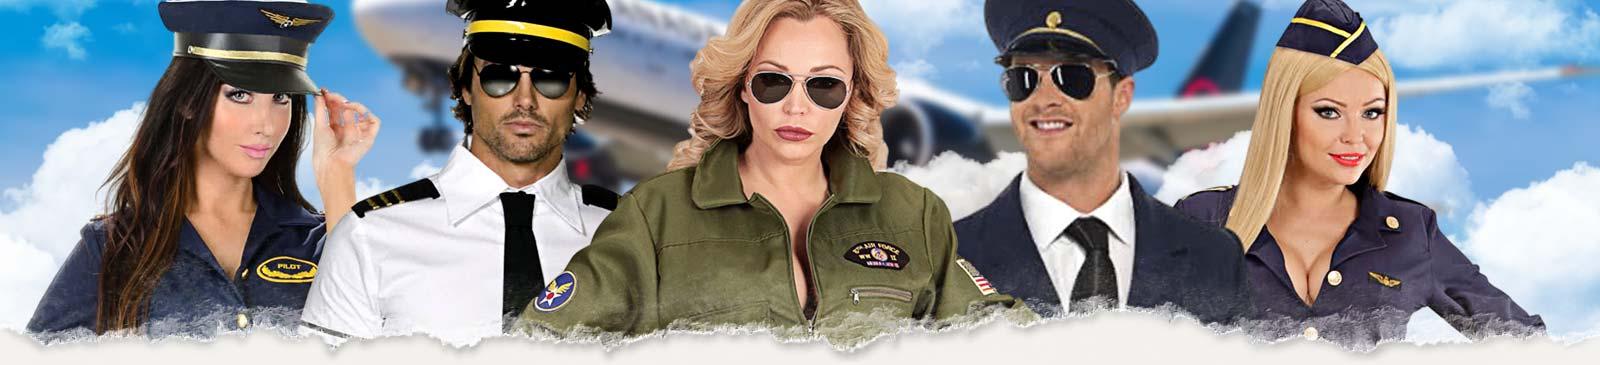 Stewardess Kostüm & Pilot Kostüm